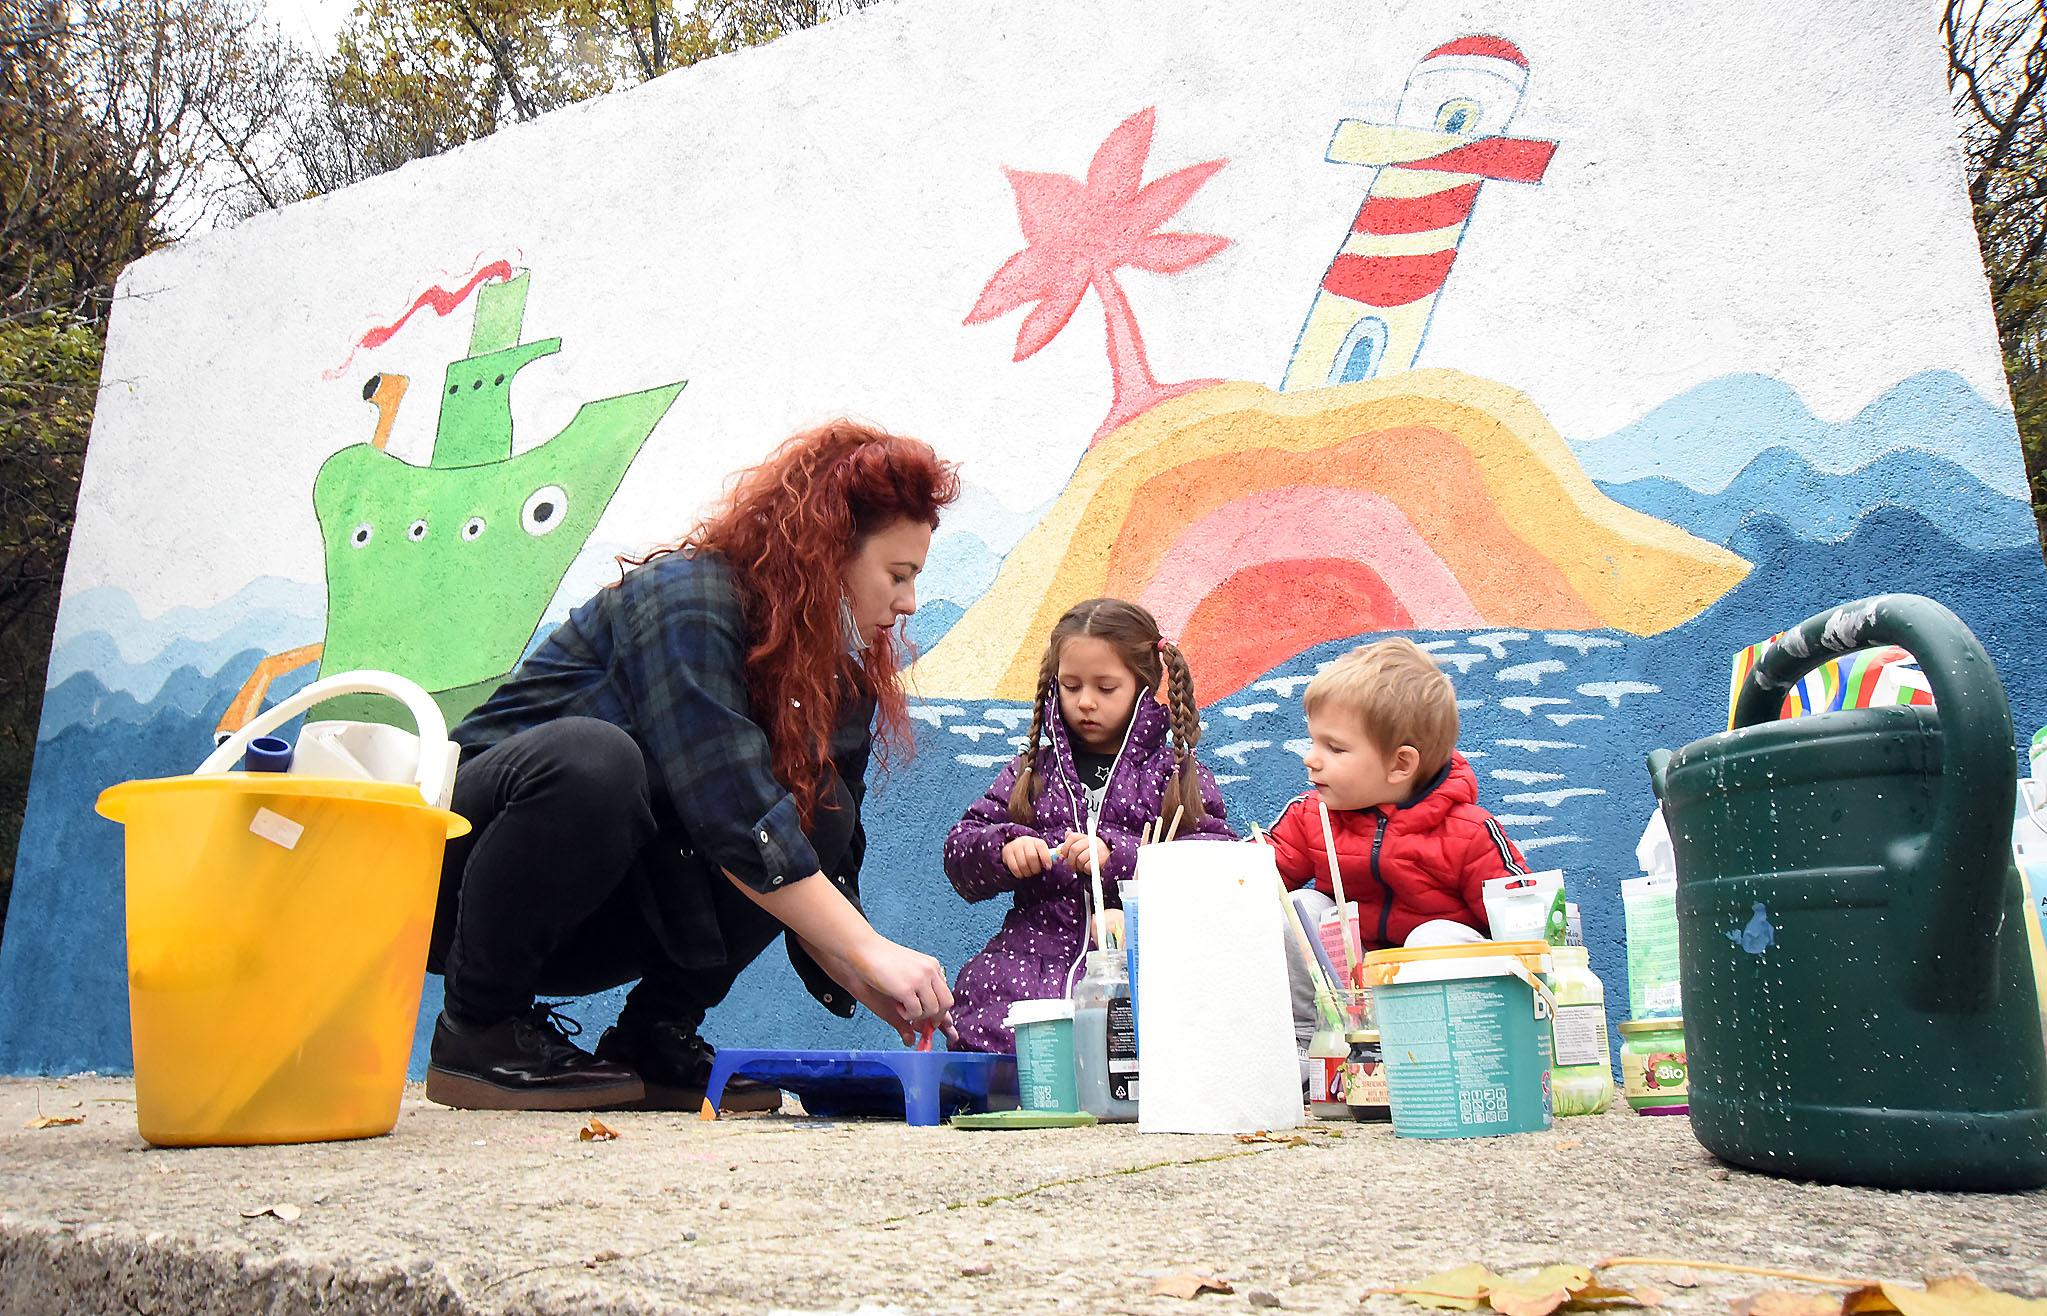 U oslikavanju zida Nicol Načinović pomagali su Megan i David / Foto: S. DRECHSLER